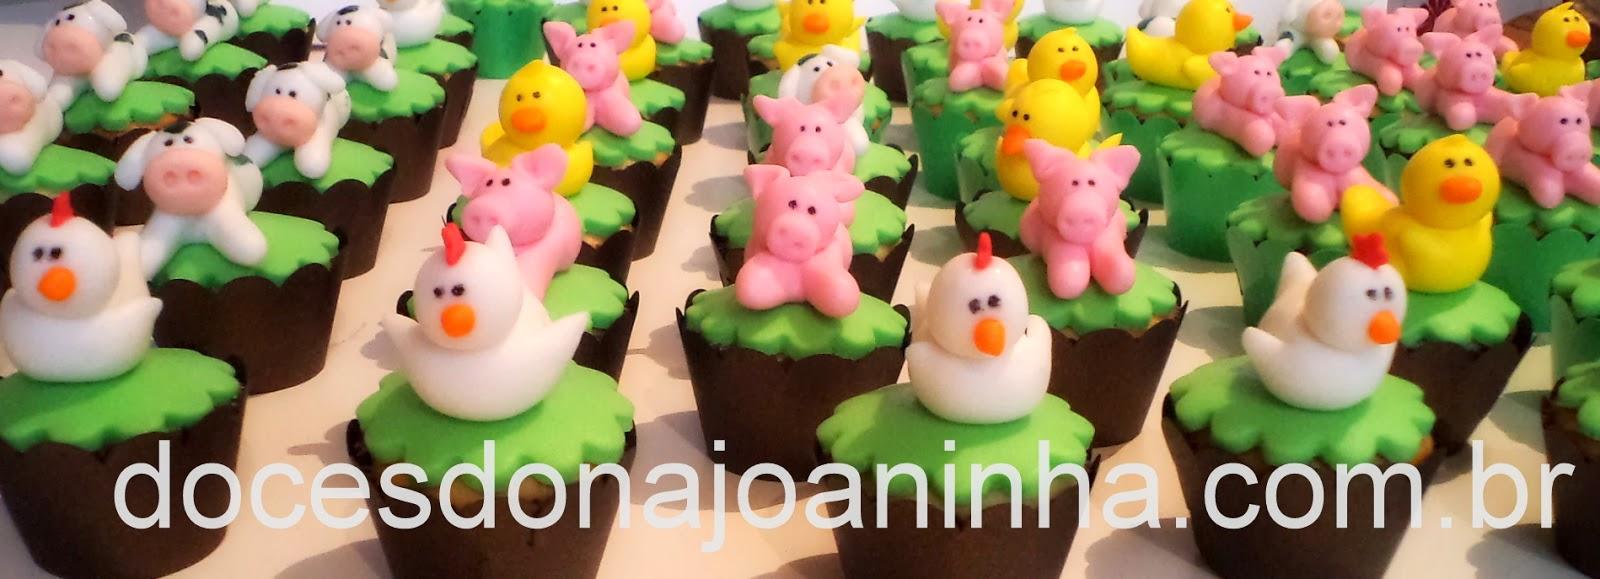 Mini cupcakes decorados Bichinhos da Fazendinha: vaca, pato, galinha, ovelha, cavalo, pintinho e porquinho